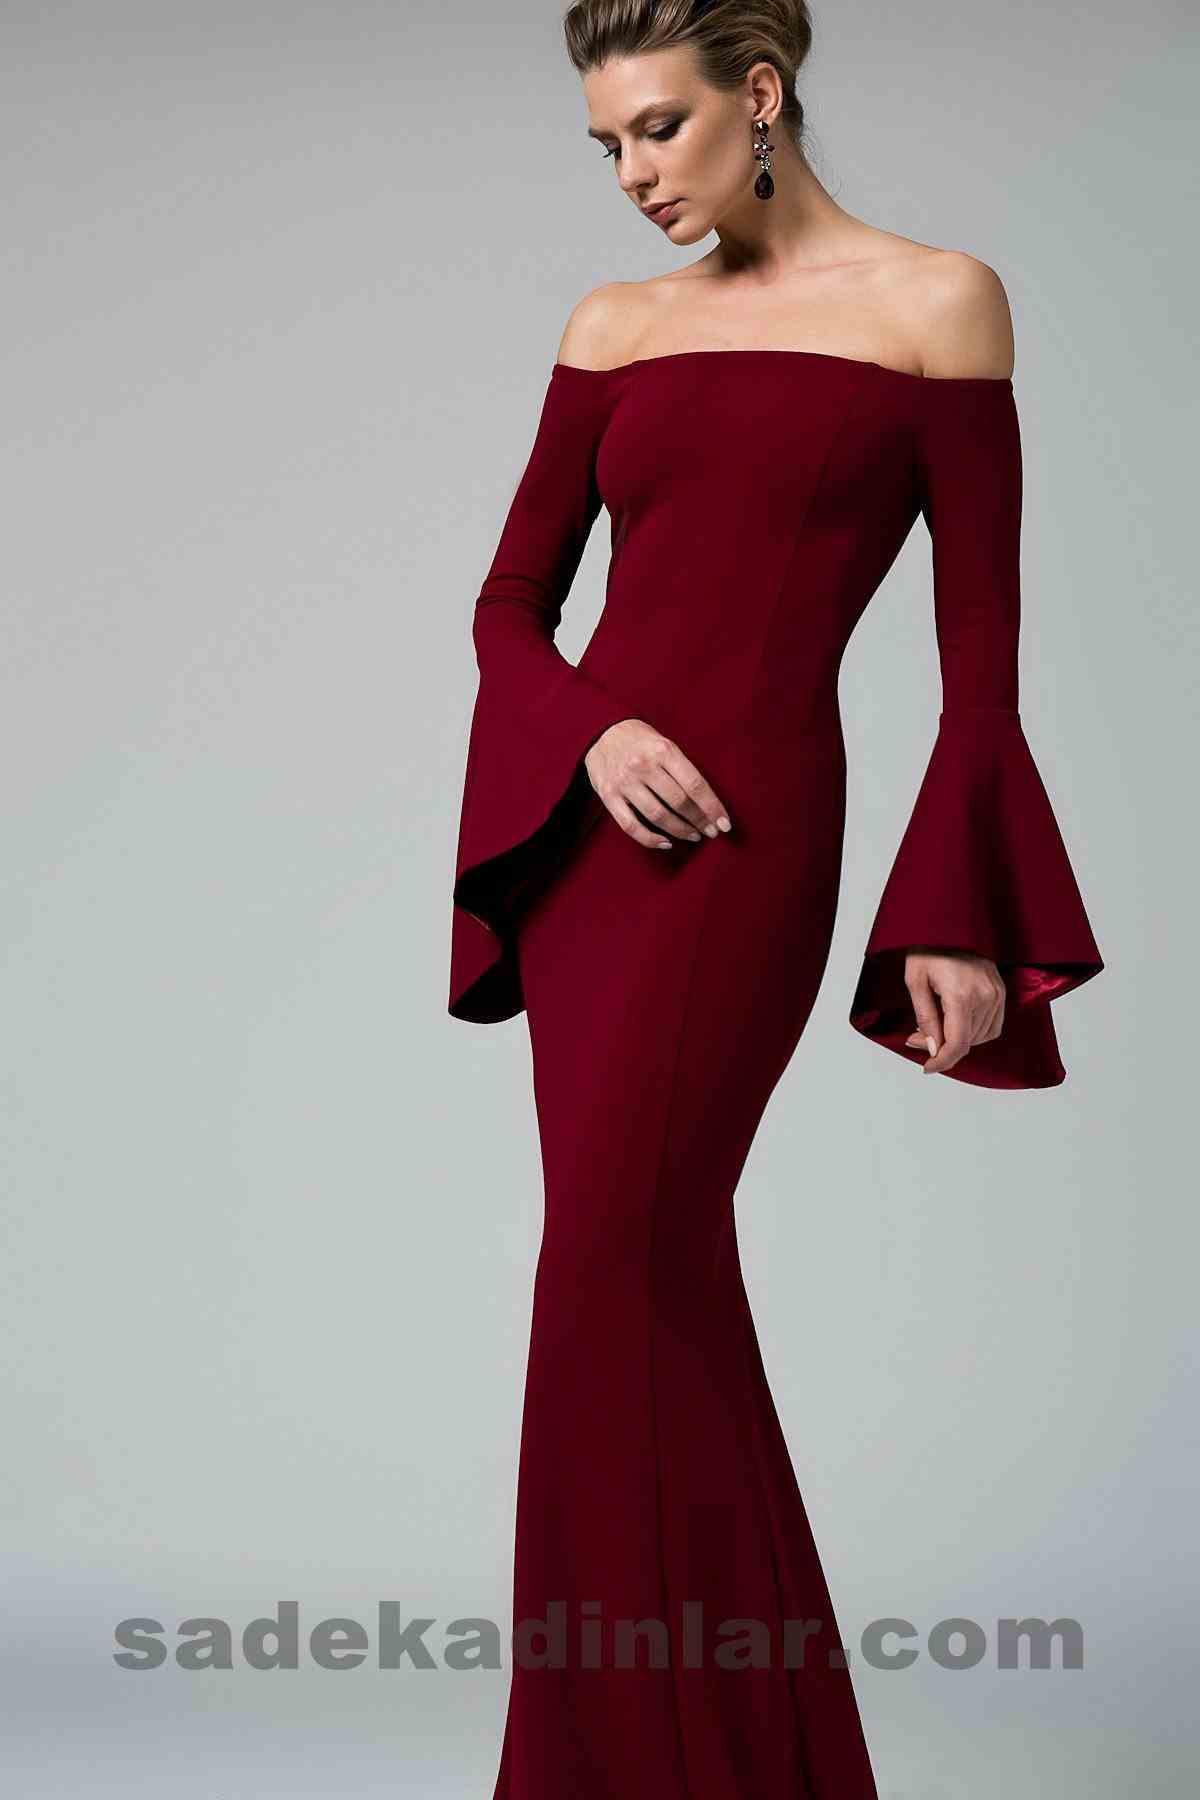 Abiye Elbise Modelleri Şık ve Güzel 2019 Gece Elbiseleri Bordo Omzu Açık Uzun Balık Model